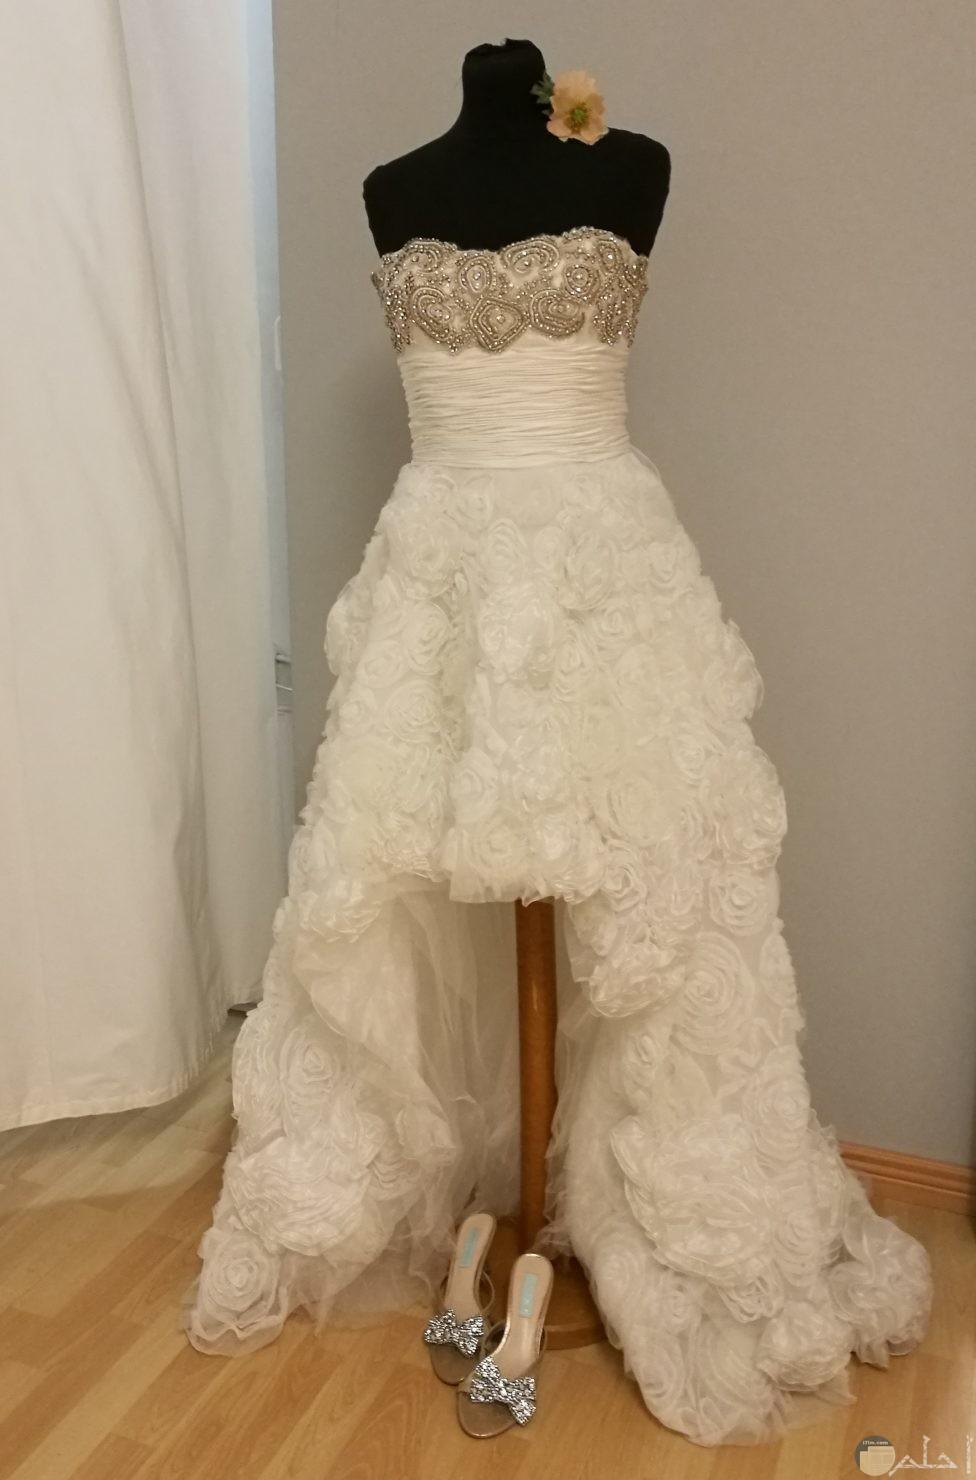 فستان قصير من الامام وطويل من الخلف